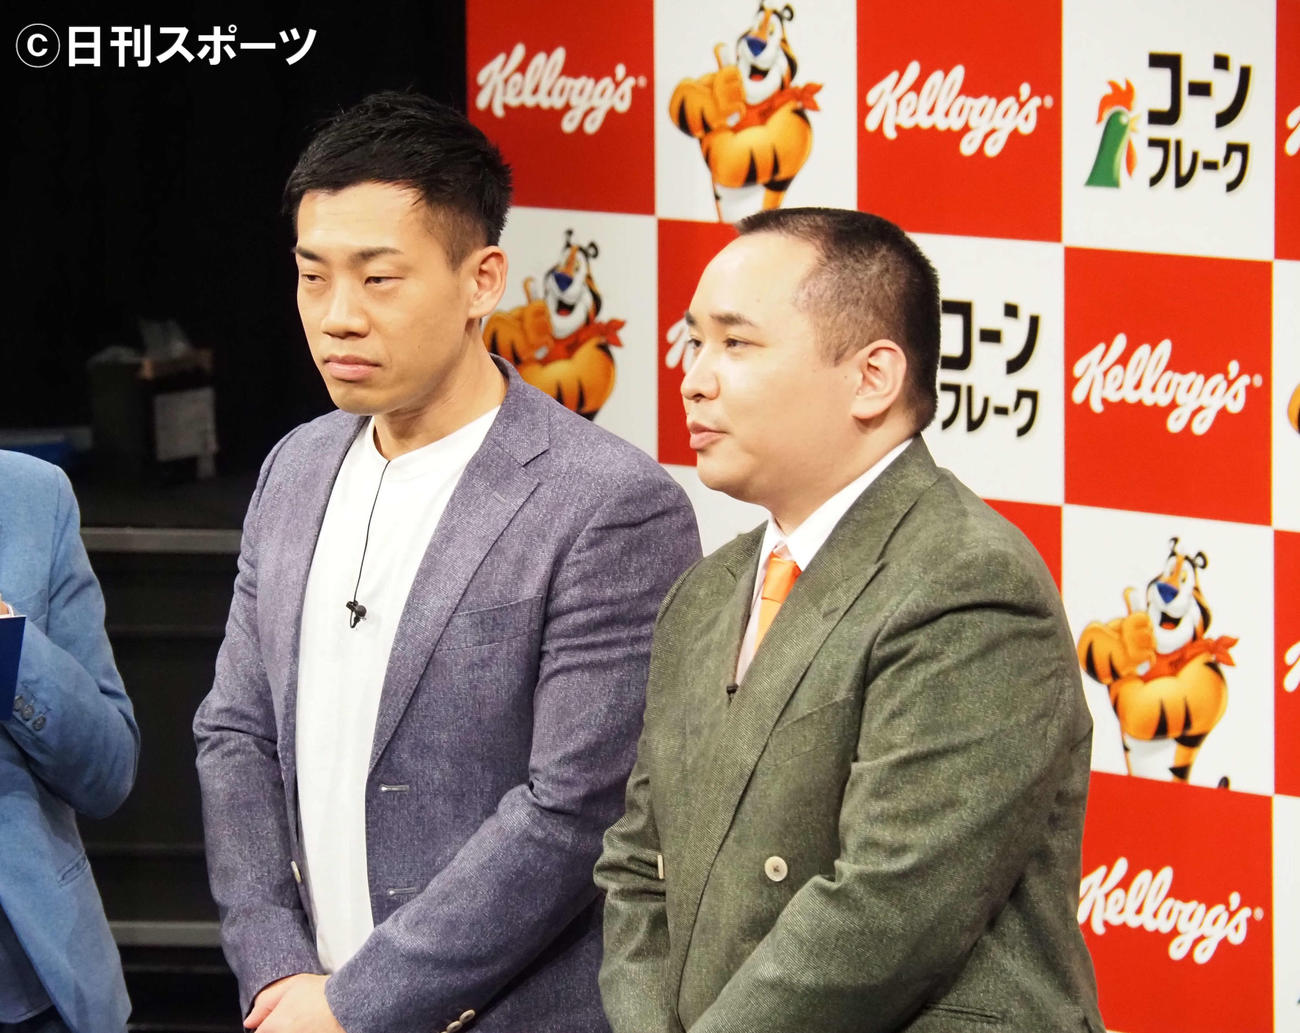 「ケロッグ公式応援サポーター」就任式に出席したミルクボーイの駒場孝(左)と内海崇(撮影・遠藤尚子)